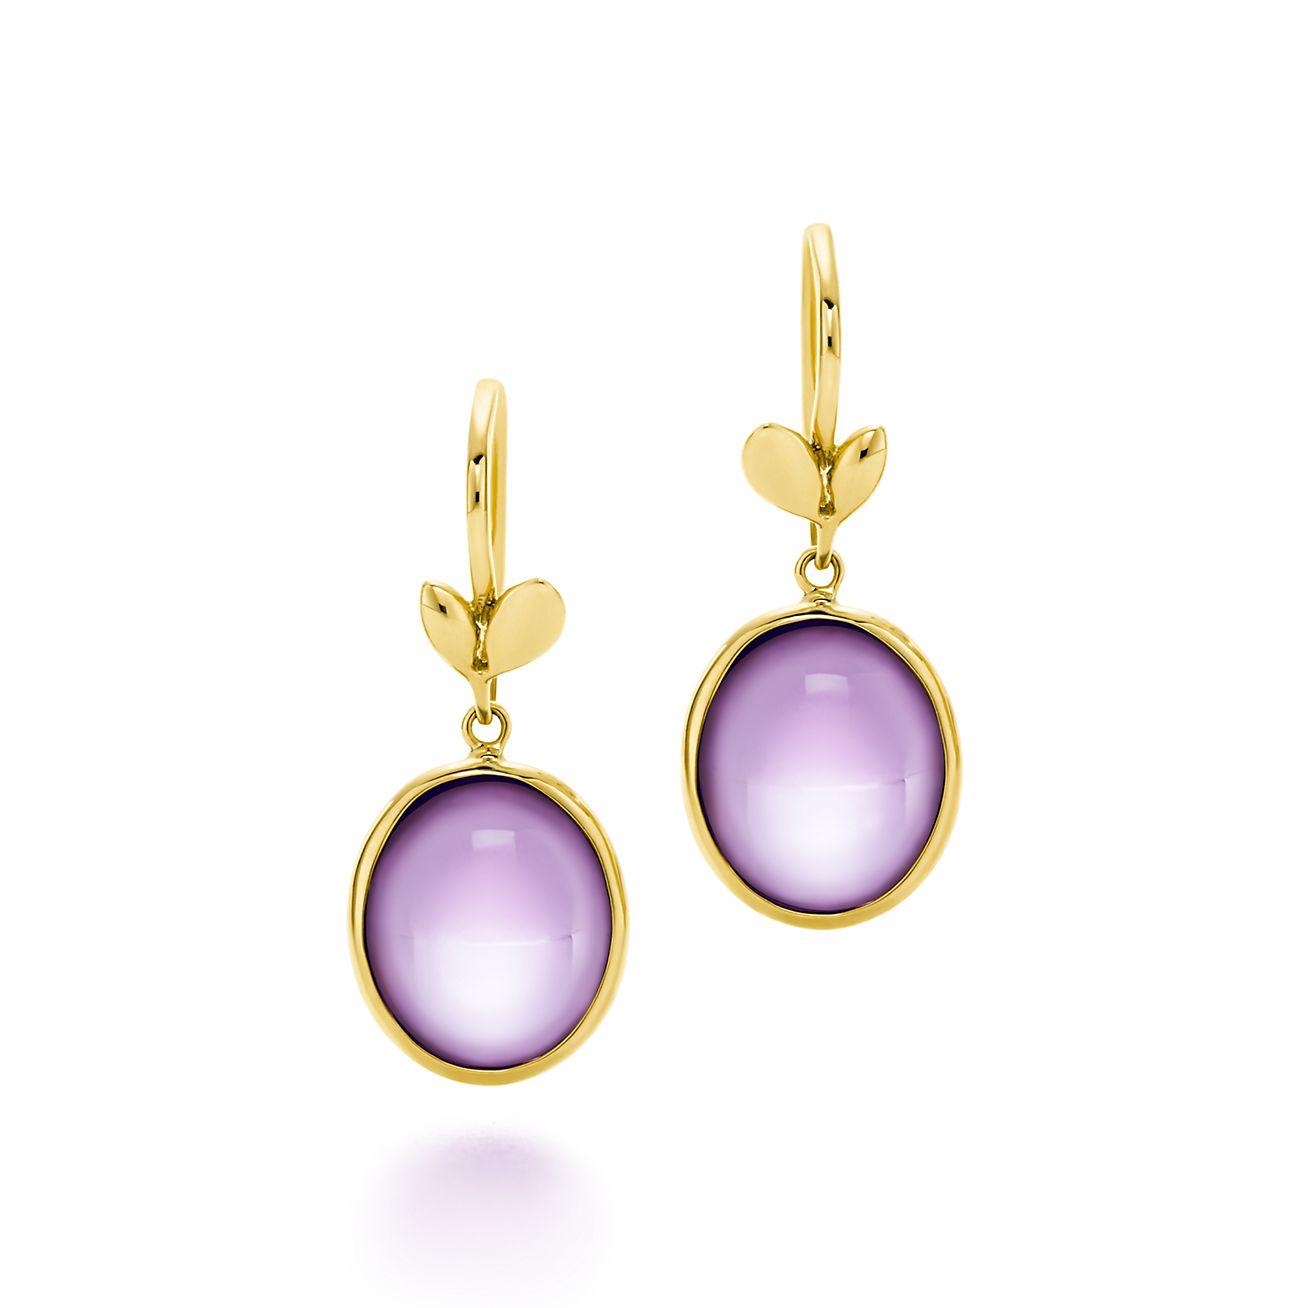 Paloma Picasso Boucles D'oreilles De Feuilles D'olivier En Or 18 Carats Avec Améthystes Tiffany & Co. zTpbsR